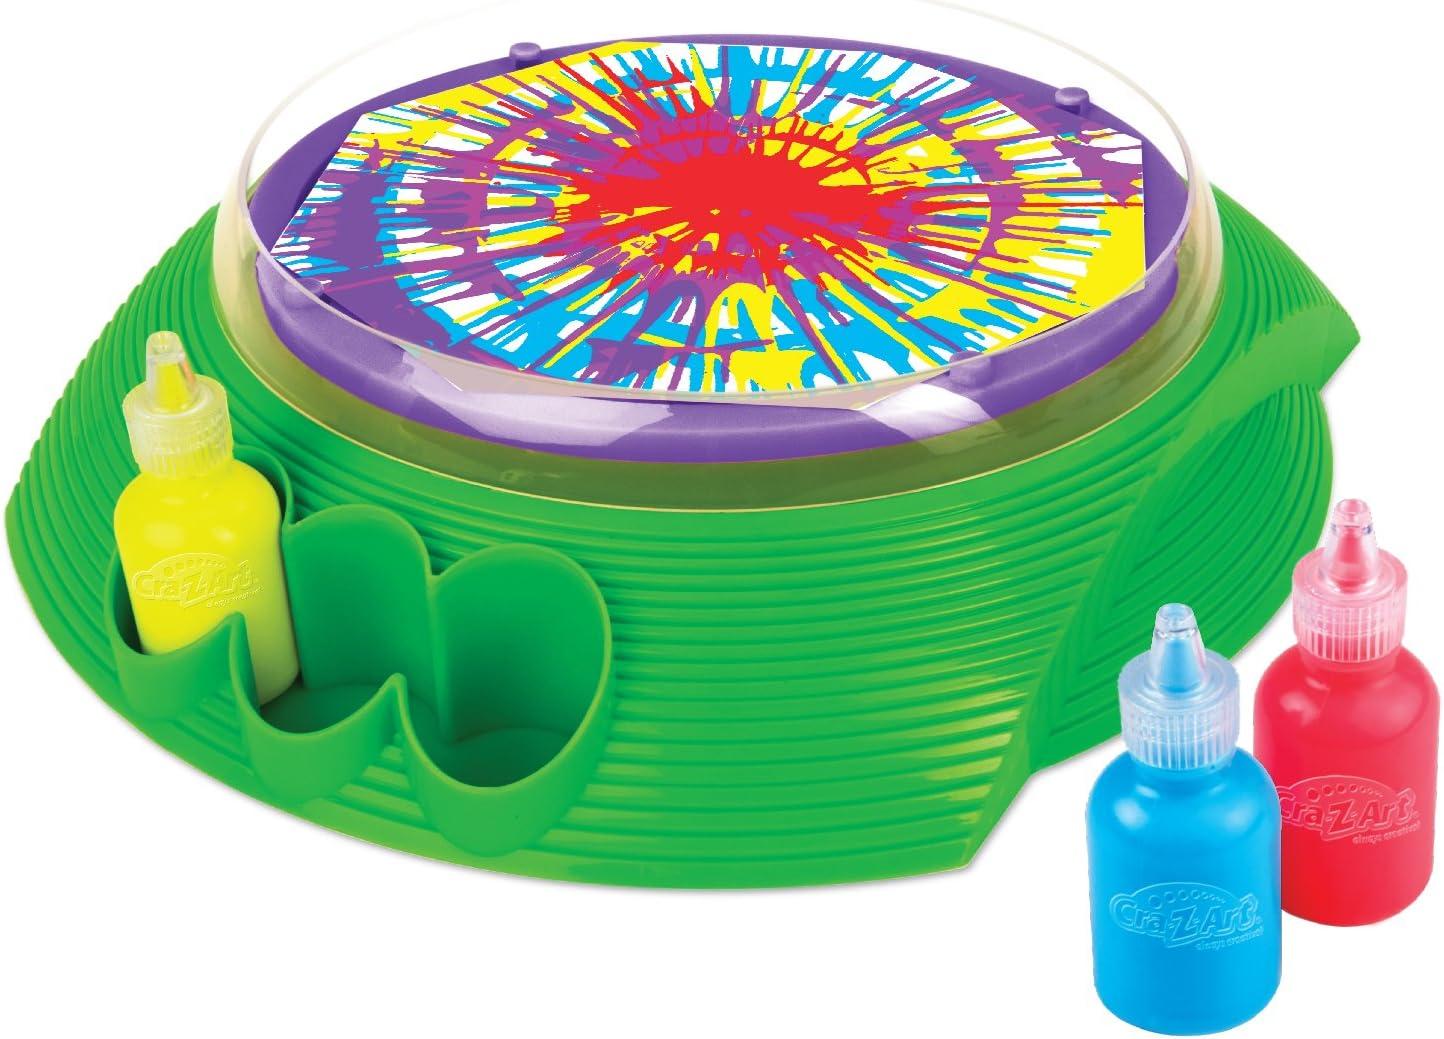 Cra-Z-Art Magic Spinning Art Machine by Cra Z Art: Amazon.es ...